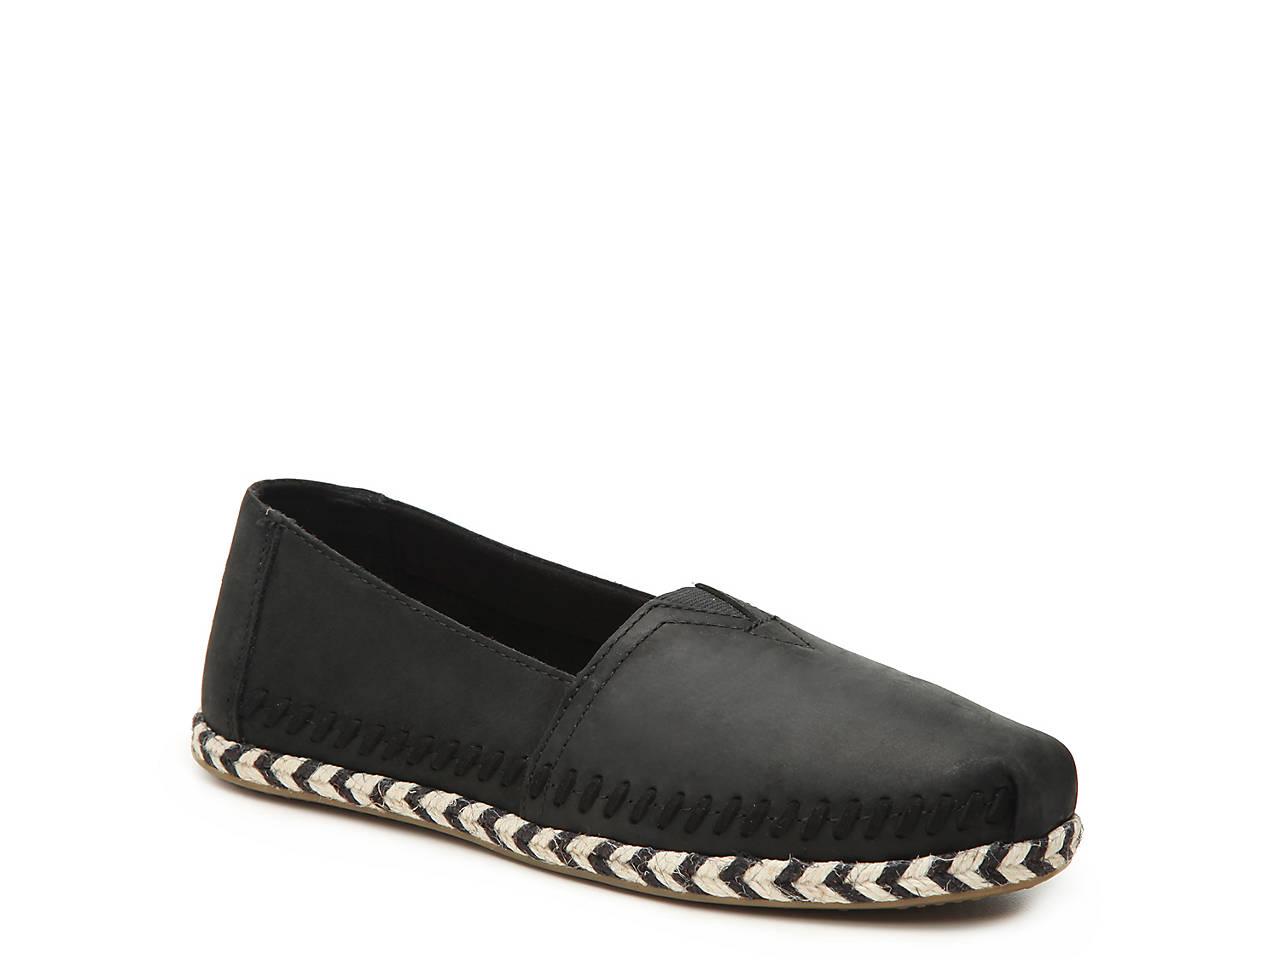 0c03ca2948f TOMS Alpargata Espadrille Flat Women s Shoes